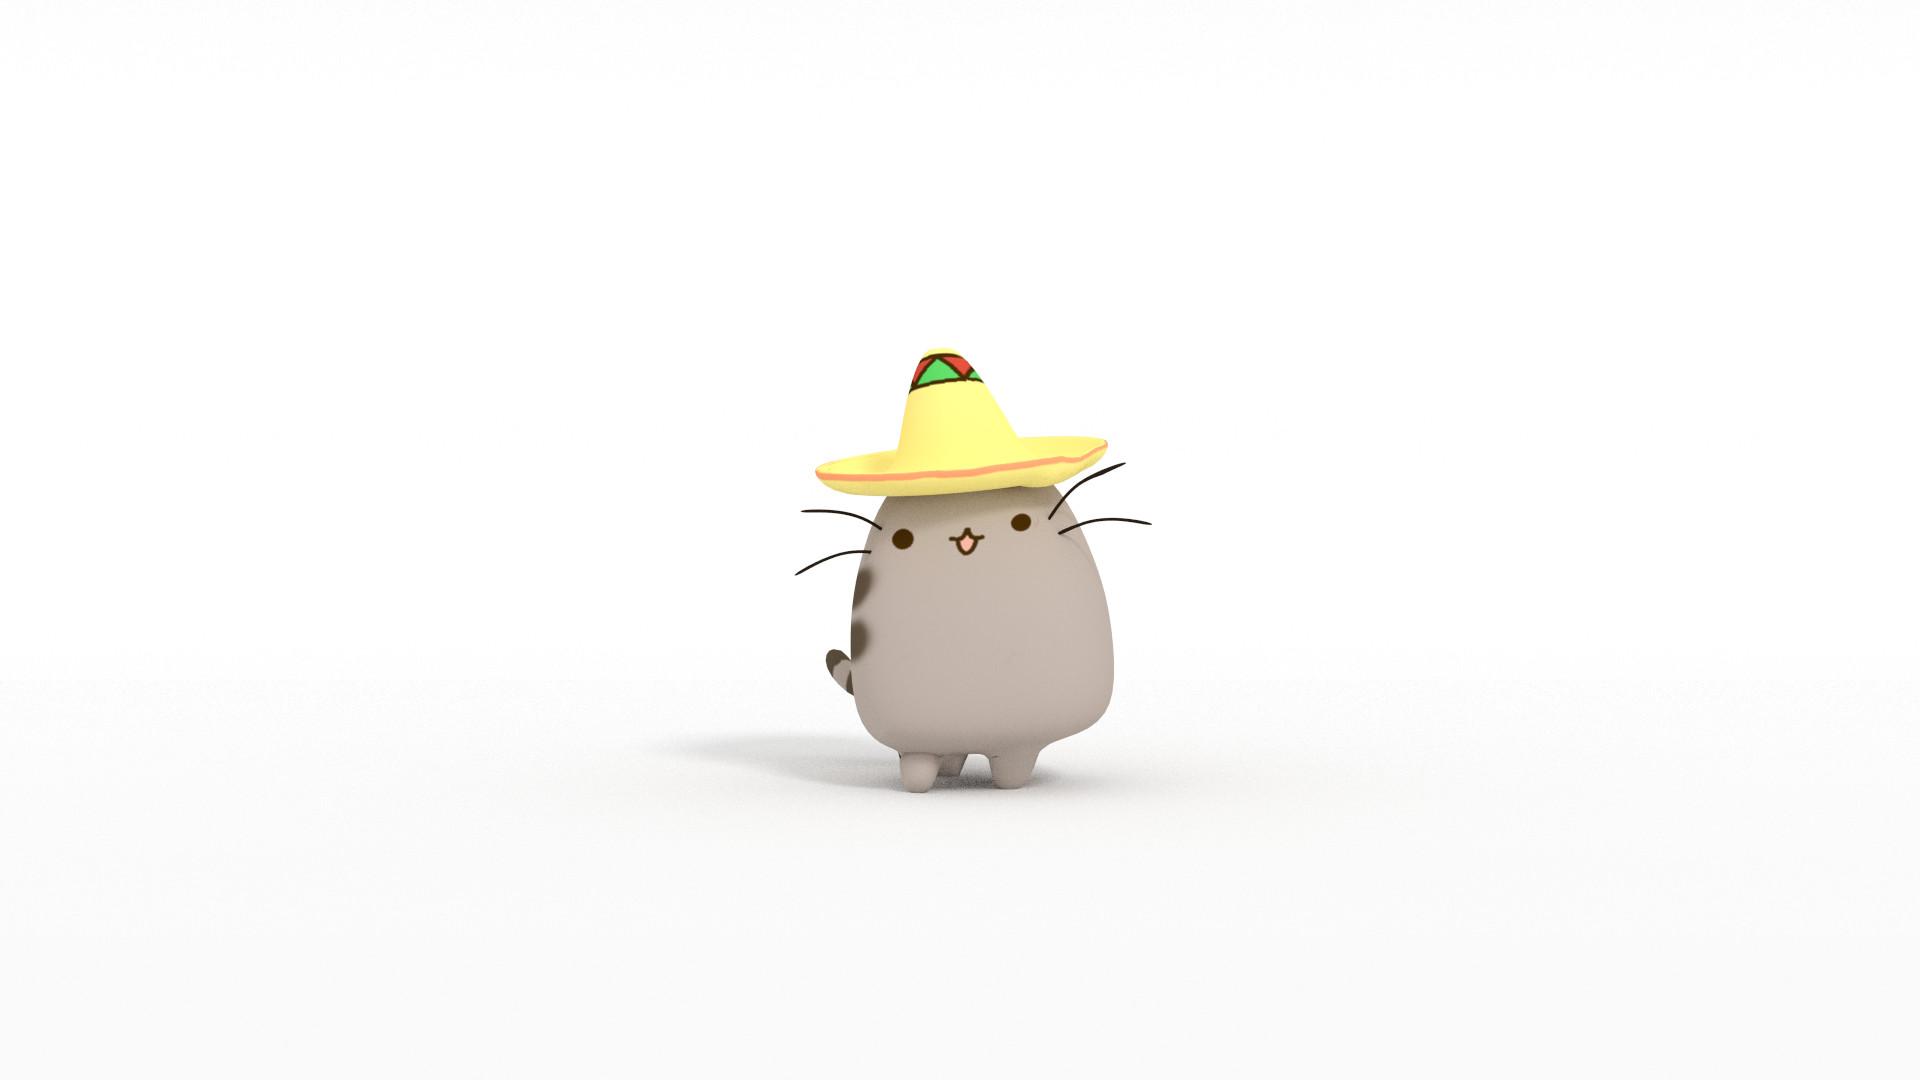 Cute Thanksgiving Wallpaper Cat Pusheen Desktop Wallpaper 61 Images